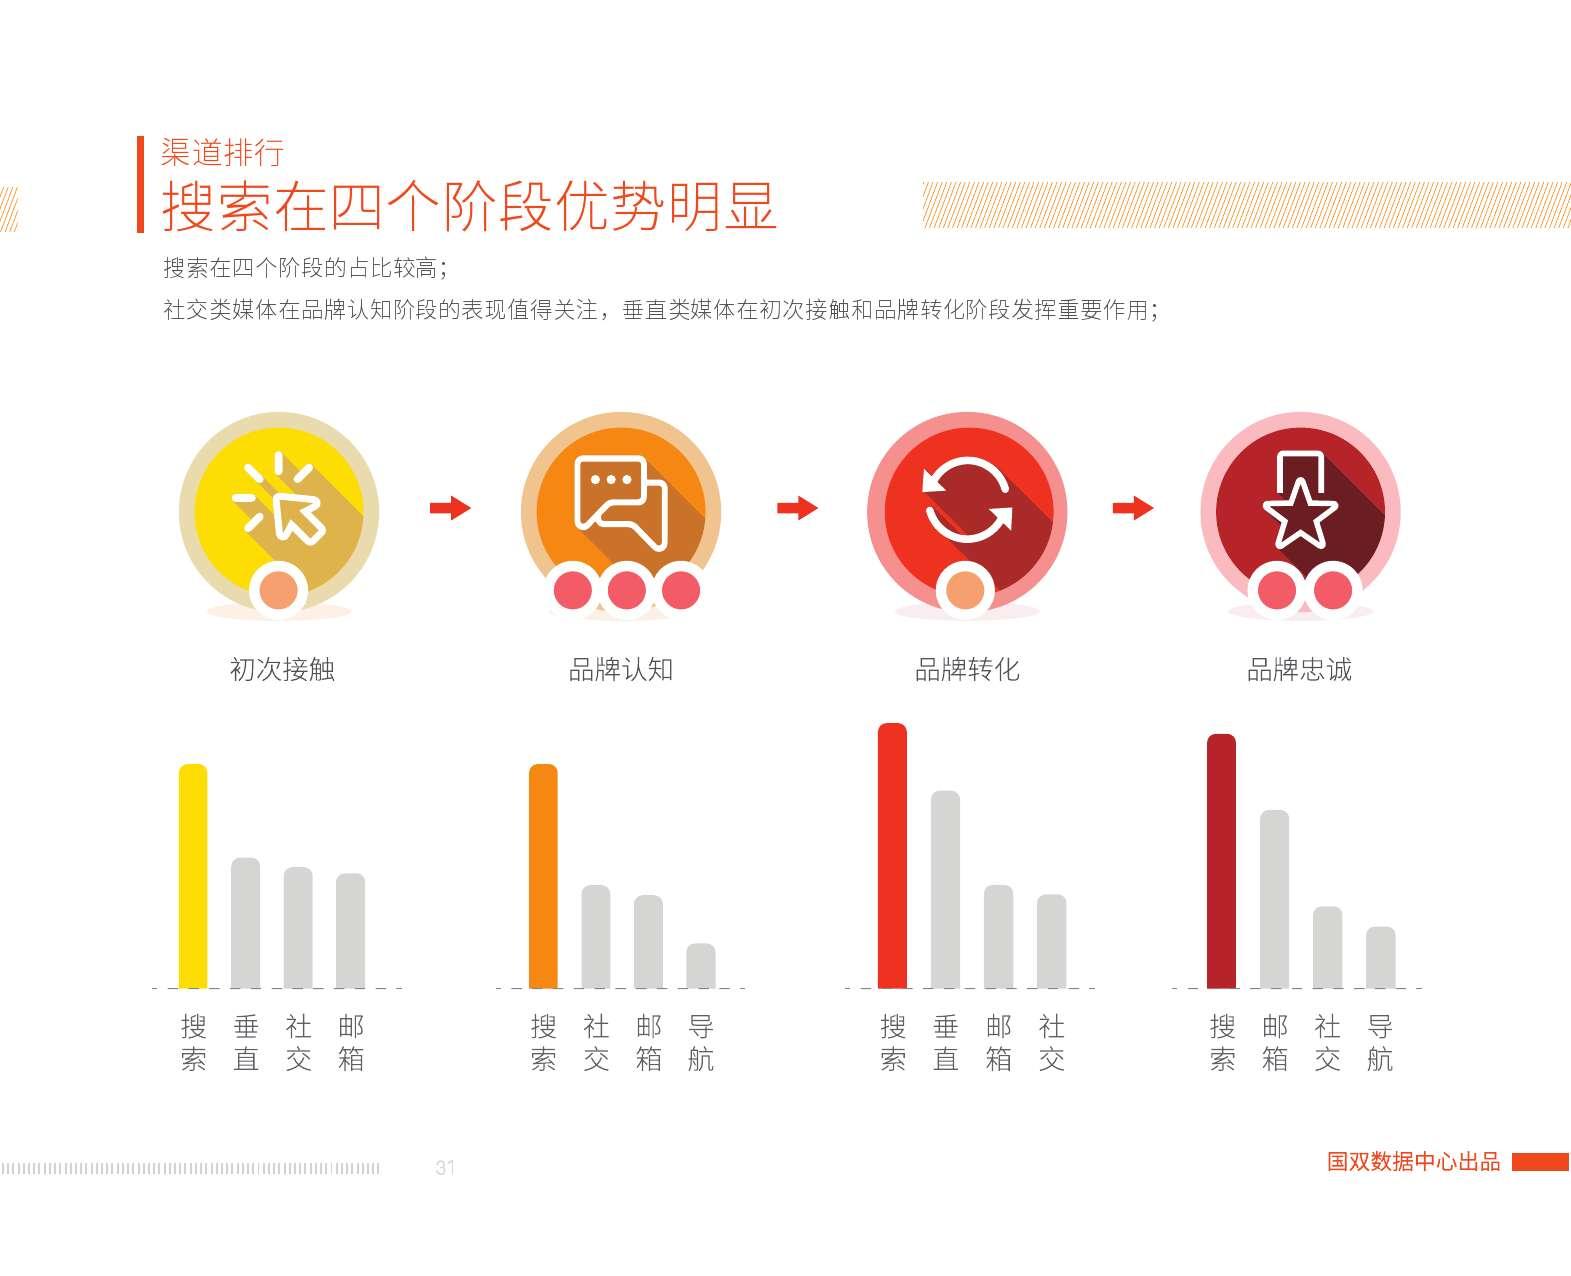 2015中国互联网发展报告_000033